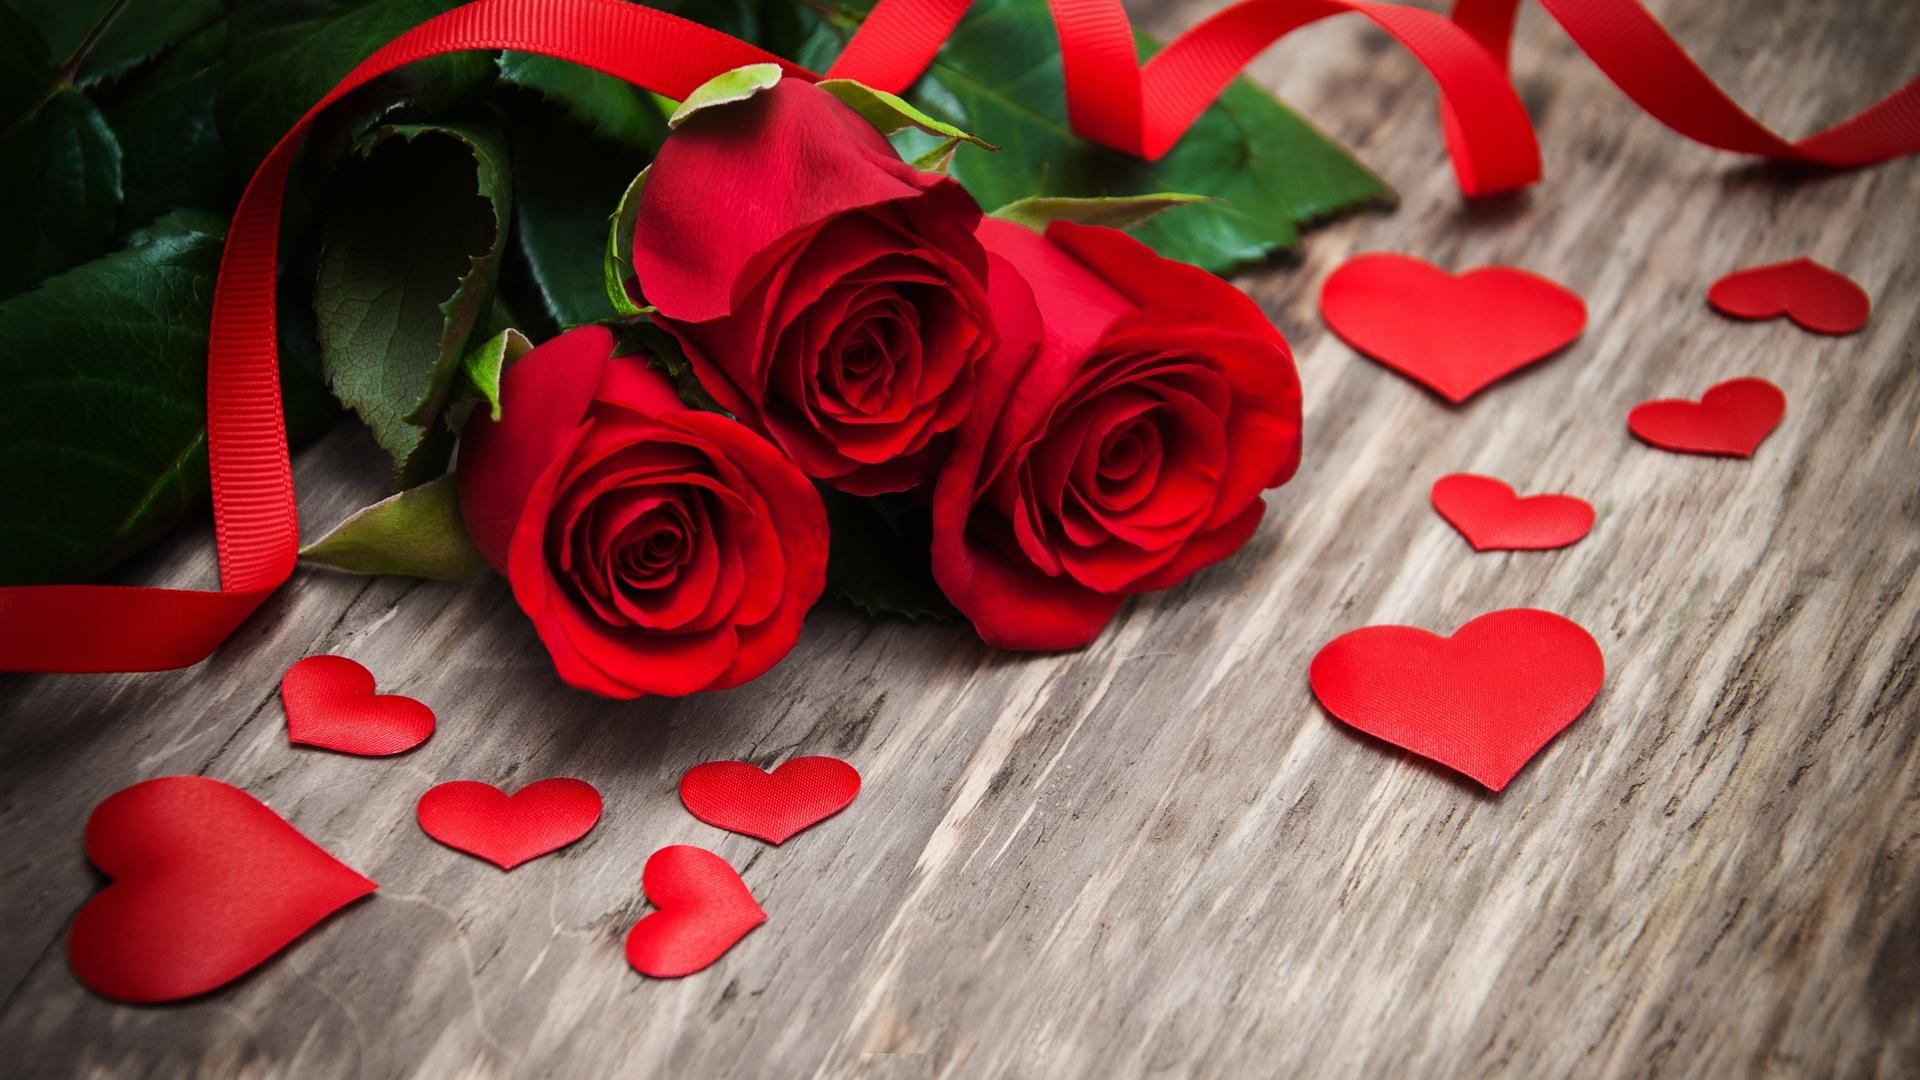 Картинка роза про любовь, кошки анимационные картинки